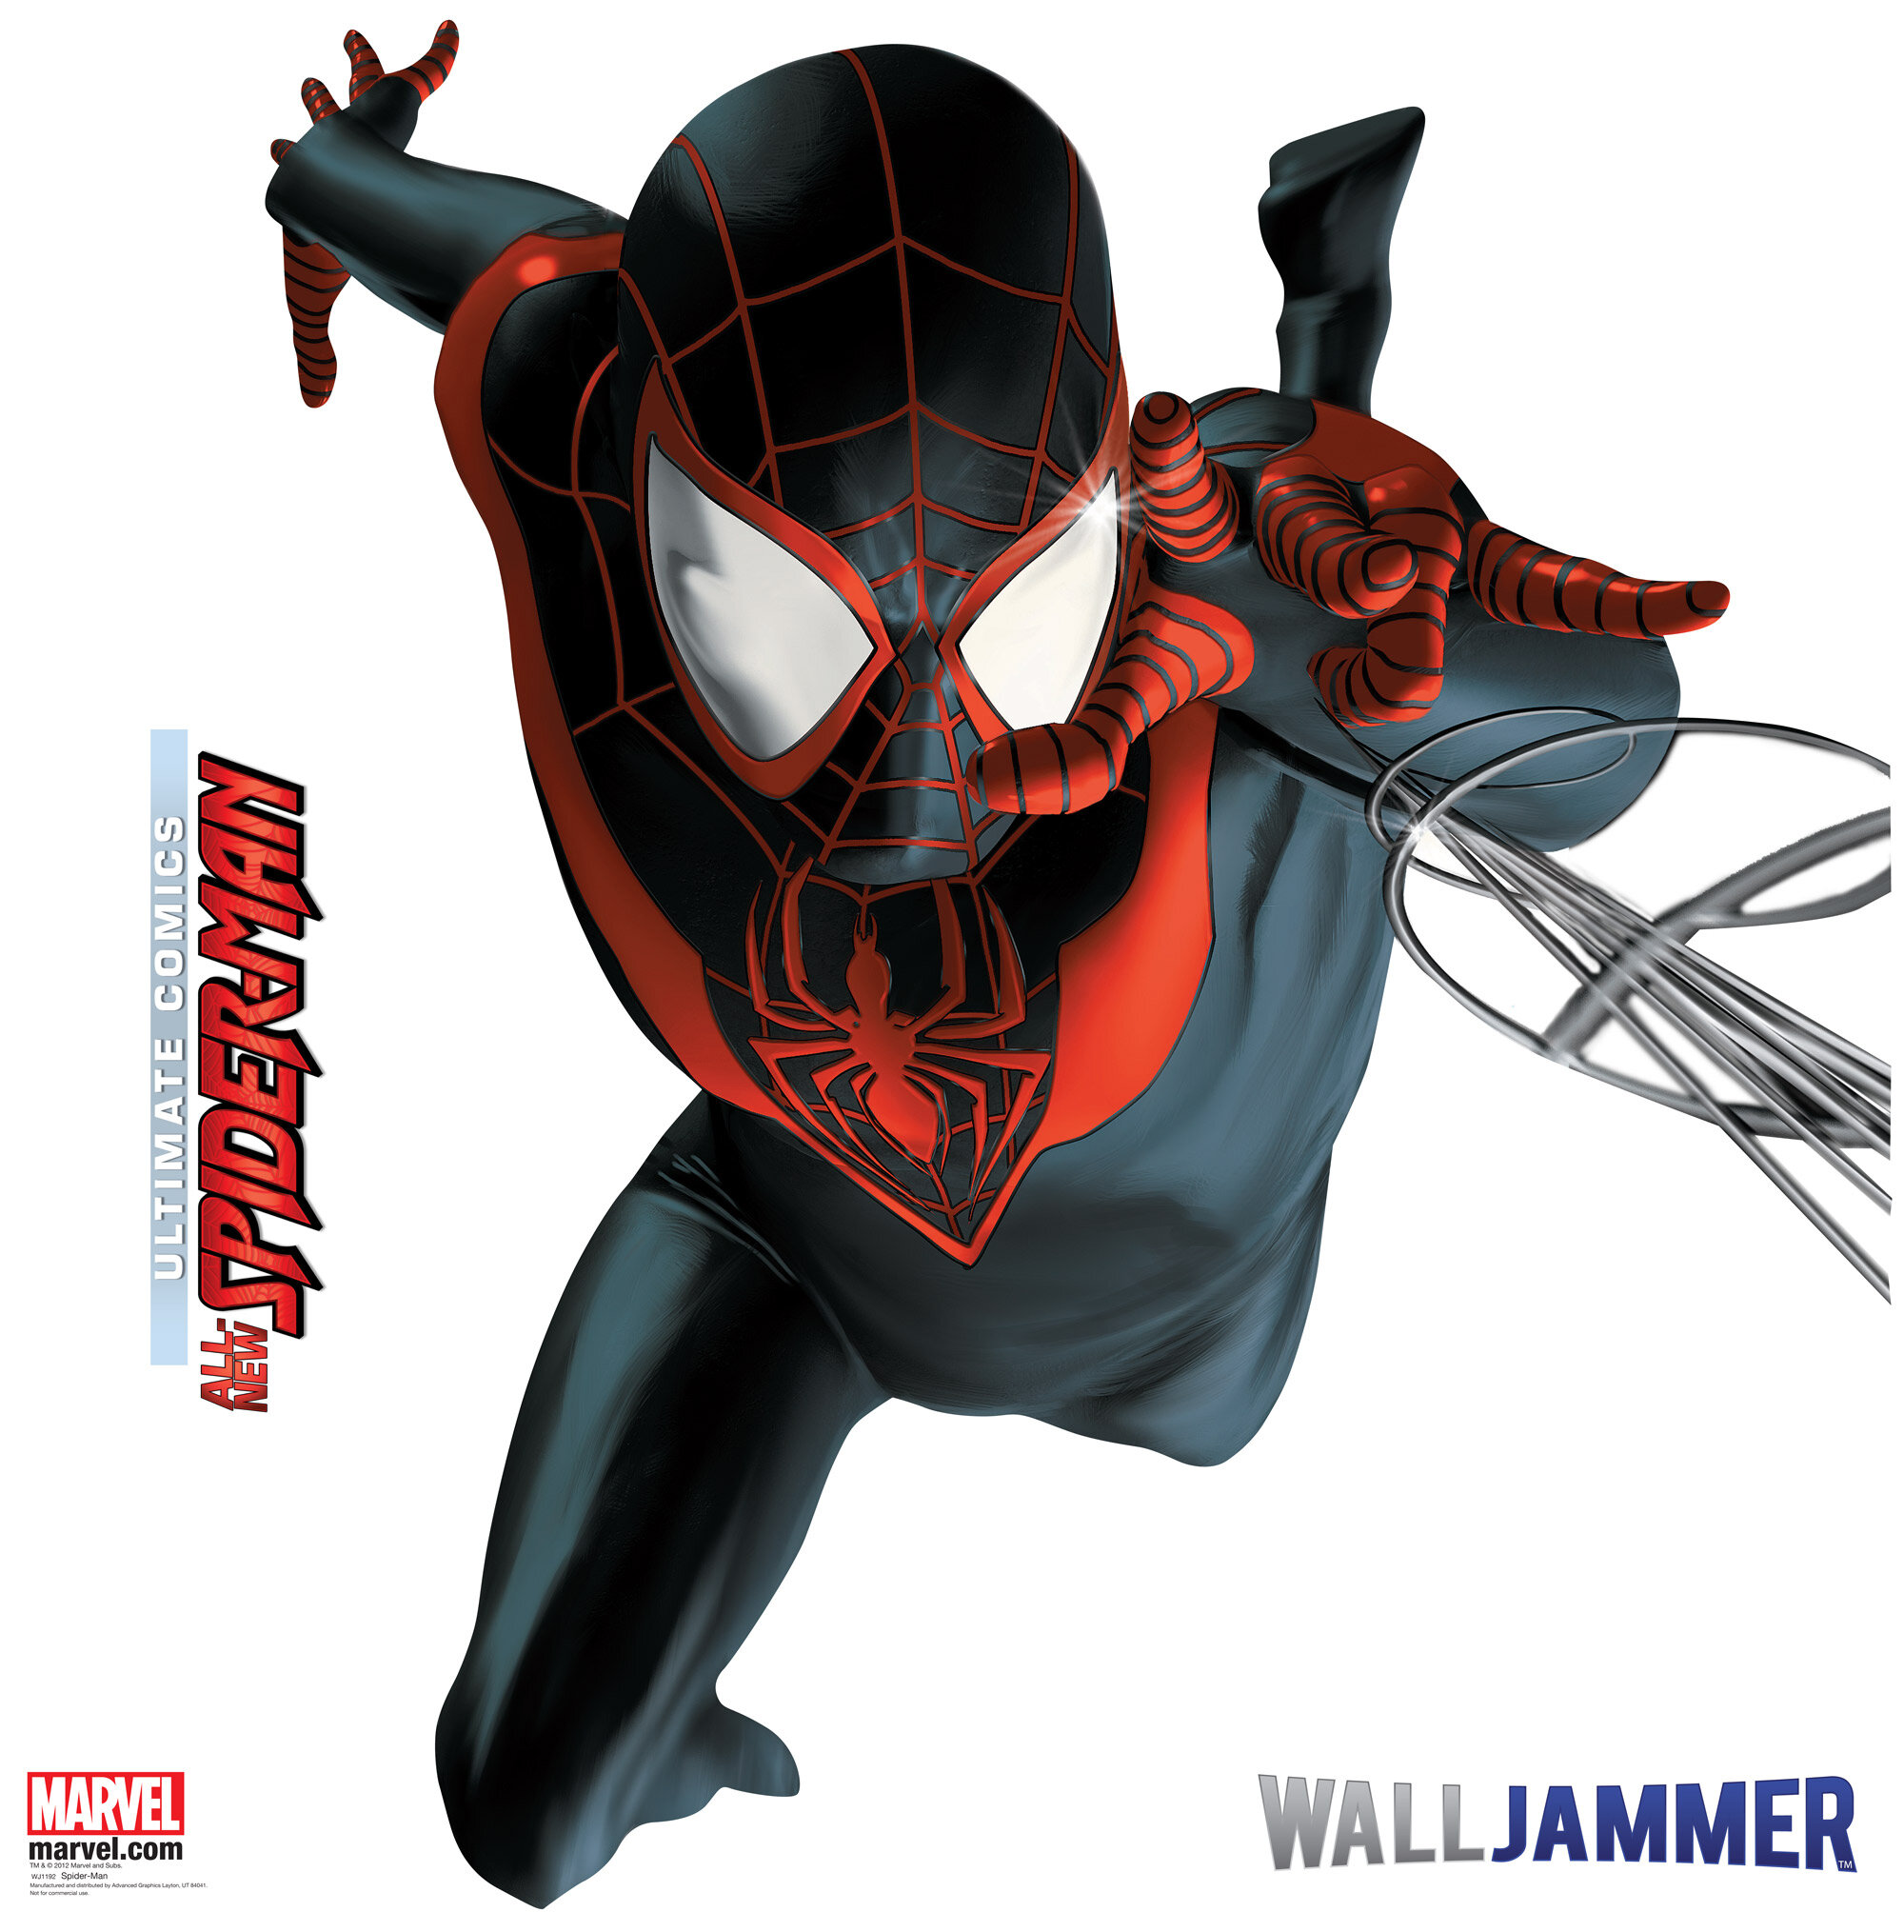 Ilustraciones sueltas chulas encontradas por el internete - Página 6 Spider-Man+Webslinger+Wall+Decal